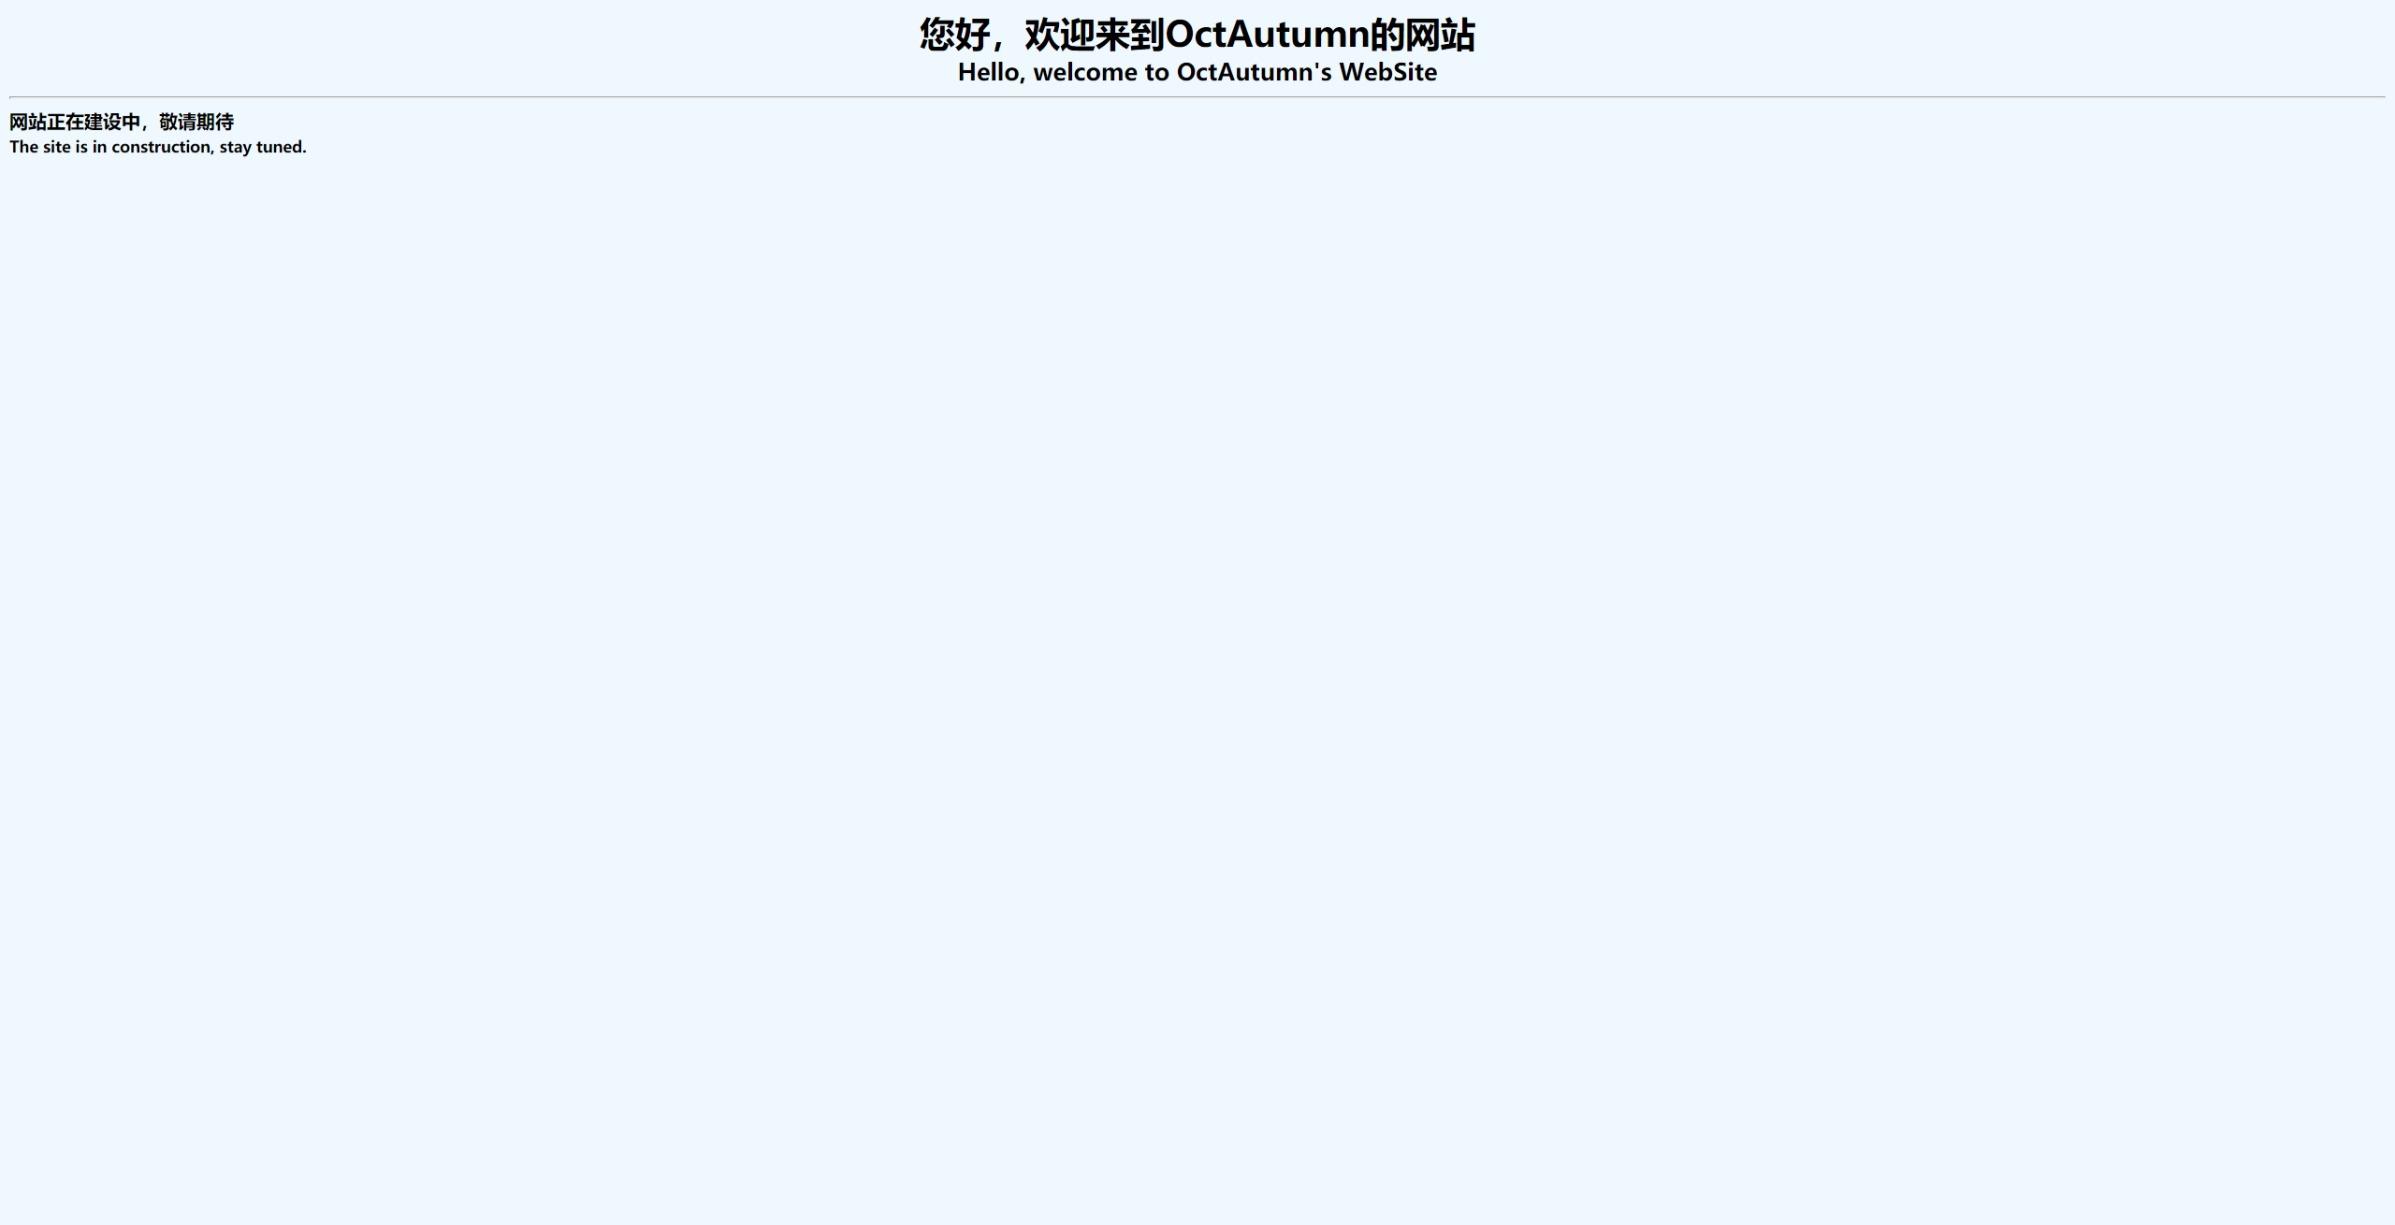 网页捕获_25-9-2021_12140_47.113.179.74.jpeg